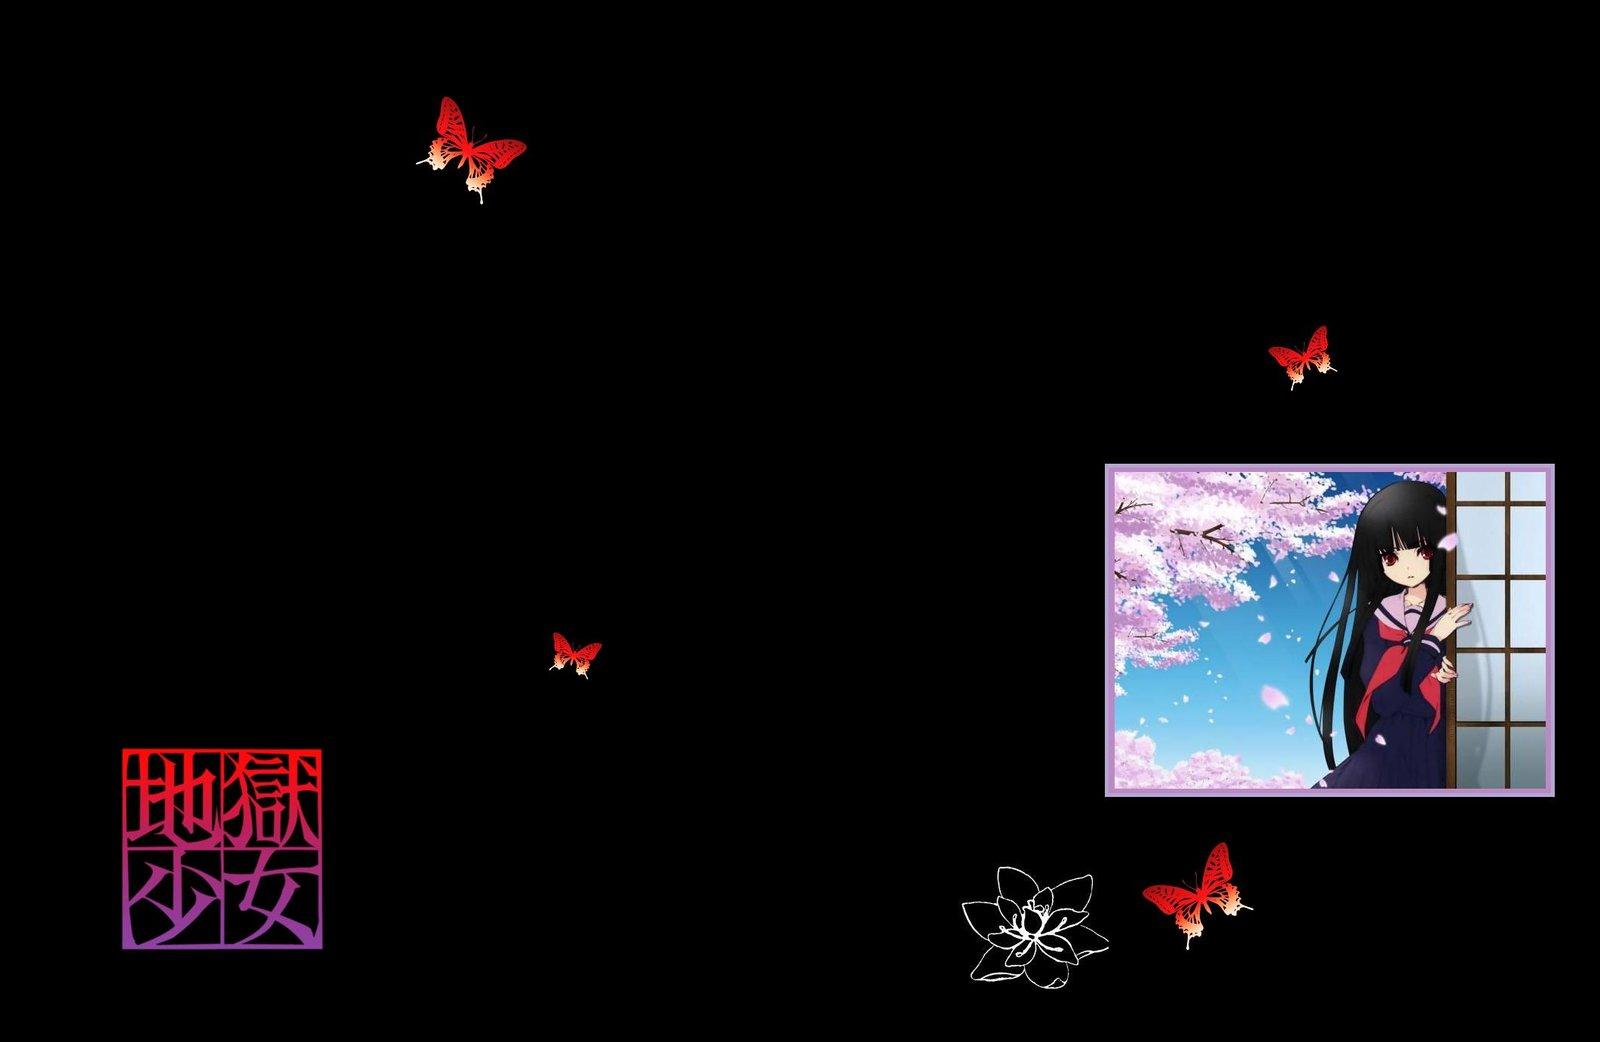 Ai Enma Cosplay Kimono Images TheCelebrityPix 1600x1042